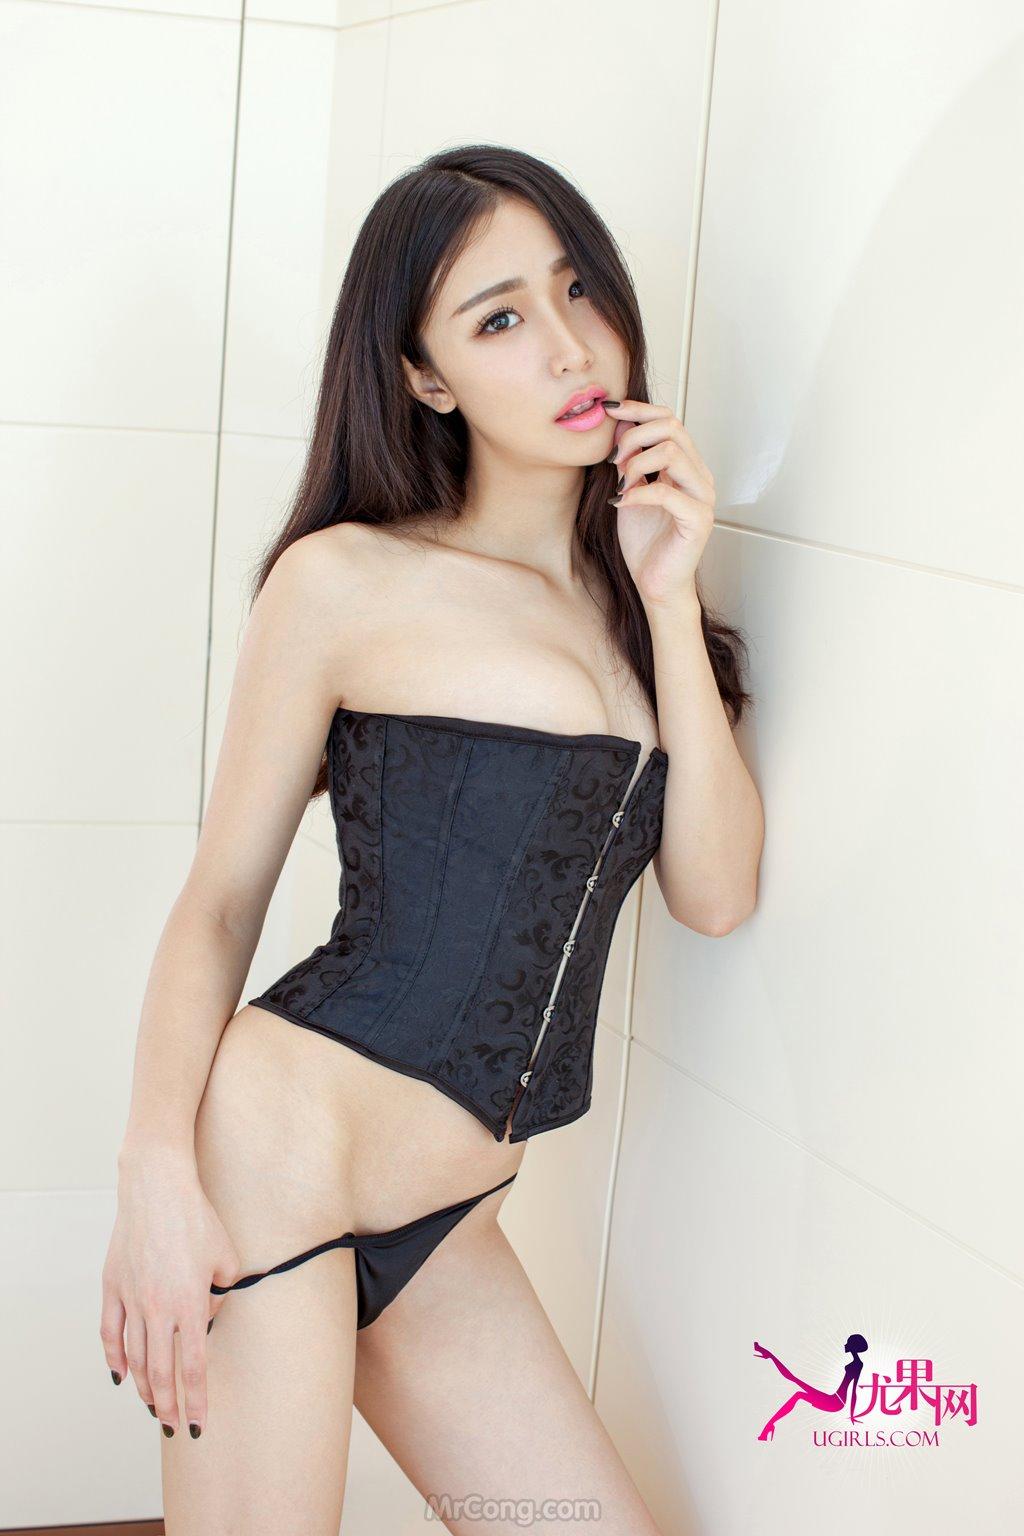 Beauty Zhang Xin Yuan (张辛苑) khoe body sexy in collection UGIRLS 124